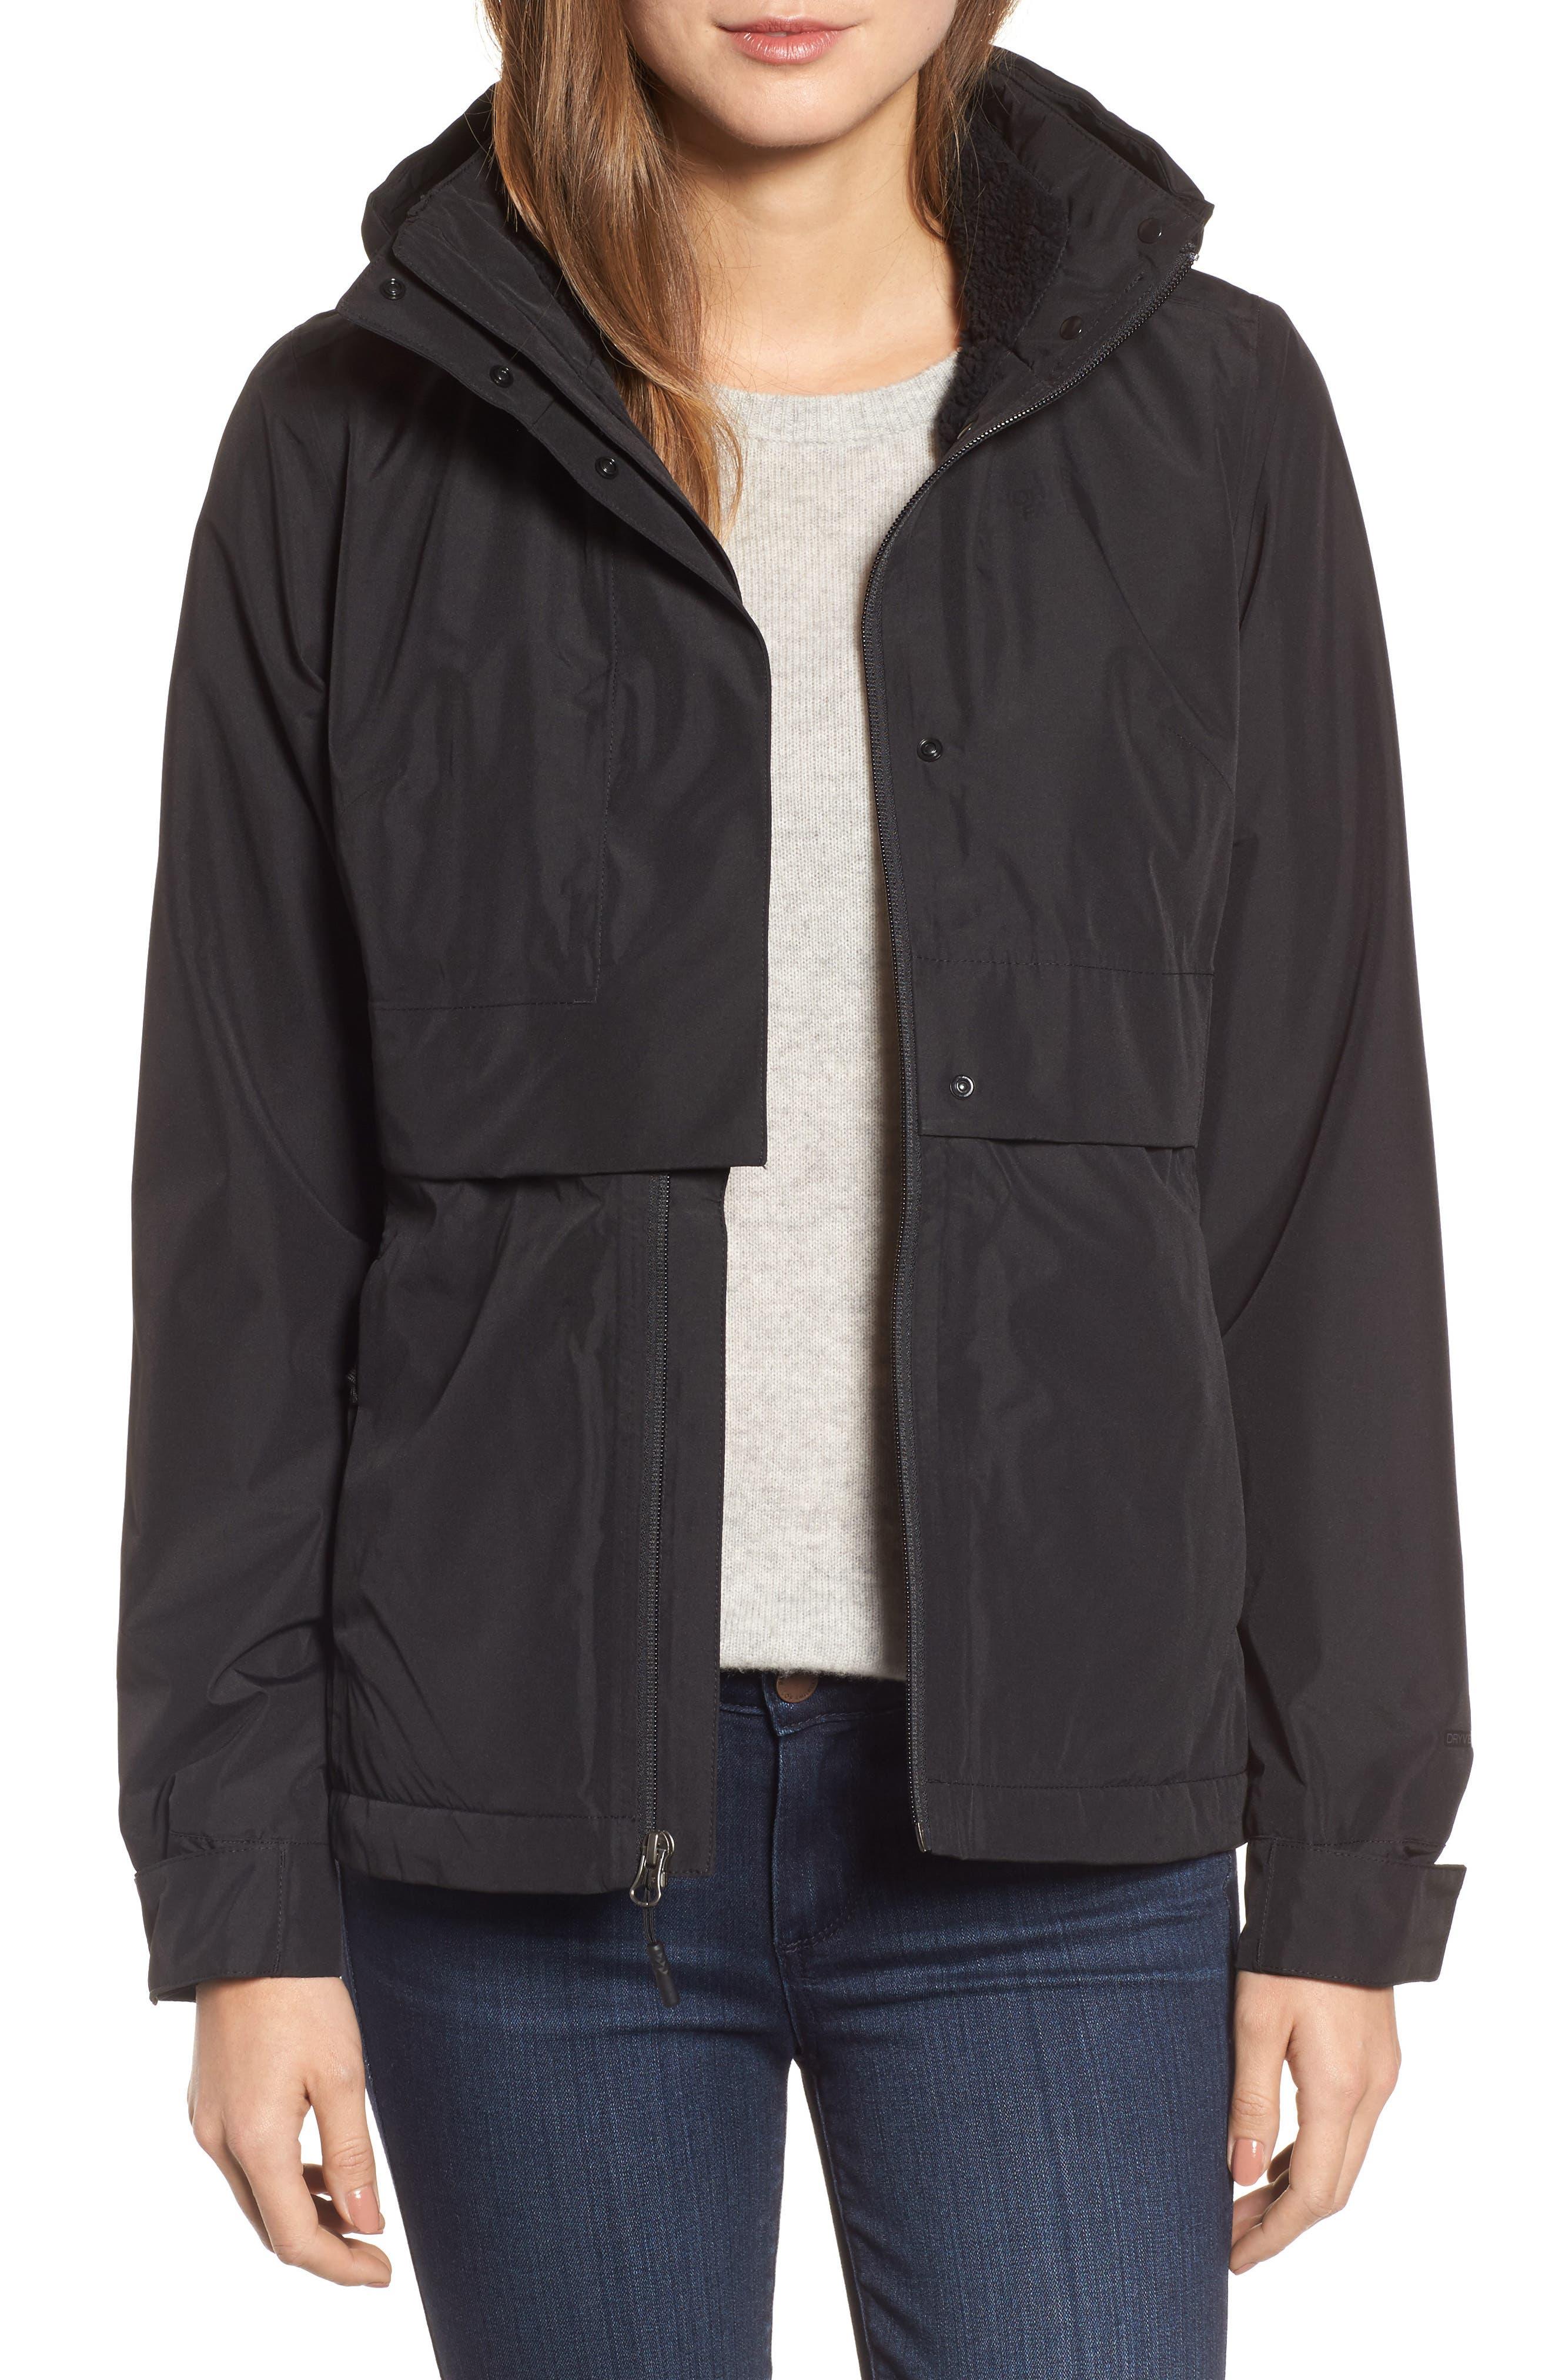 Morialta Jacket,                             Main thumbnail 1, color,                             001